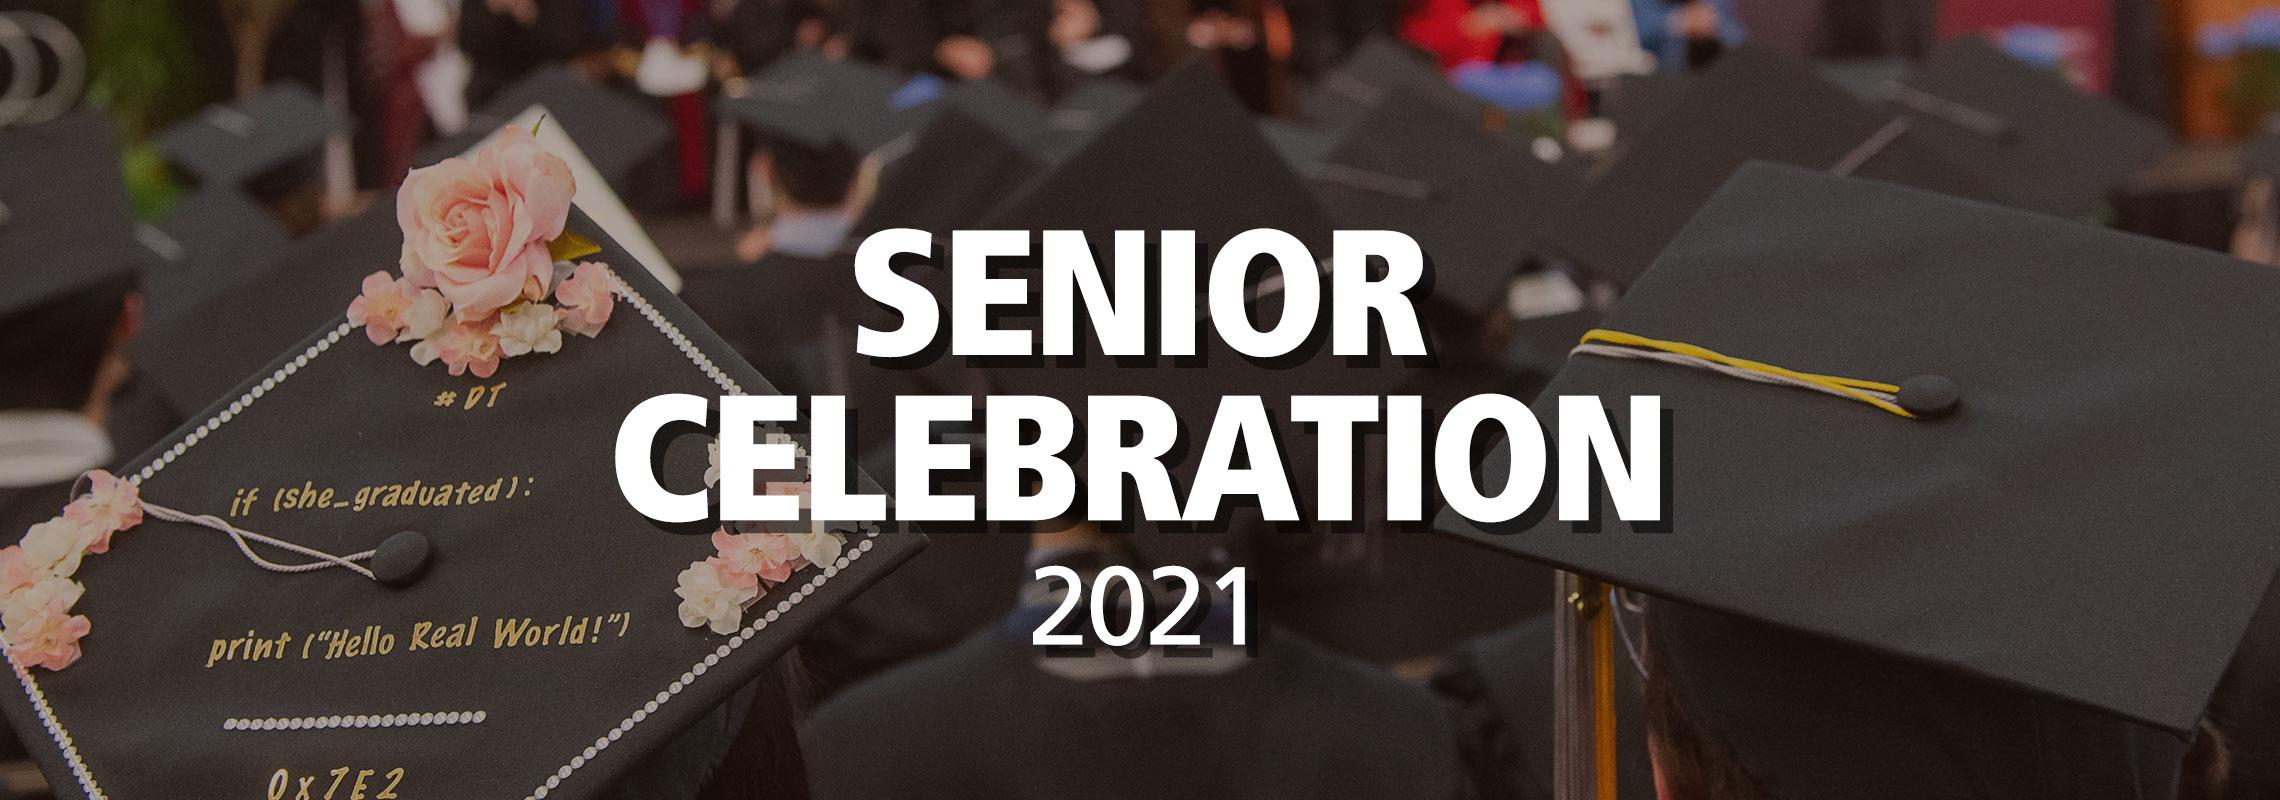 Senior Celebration 2021